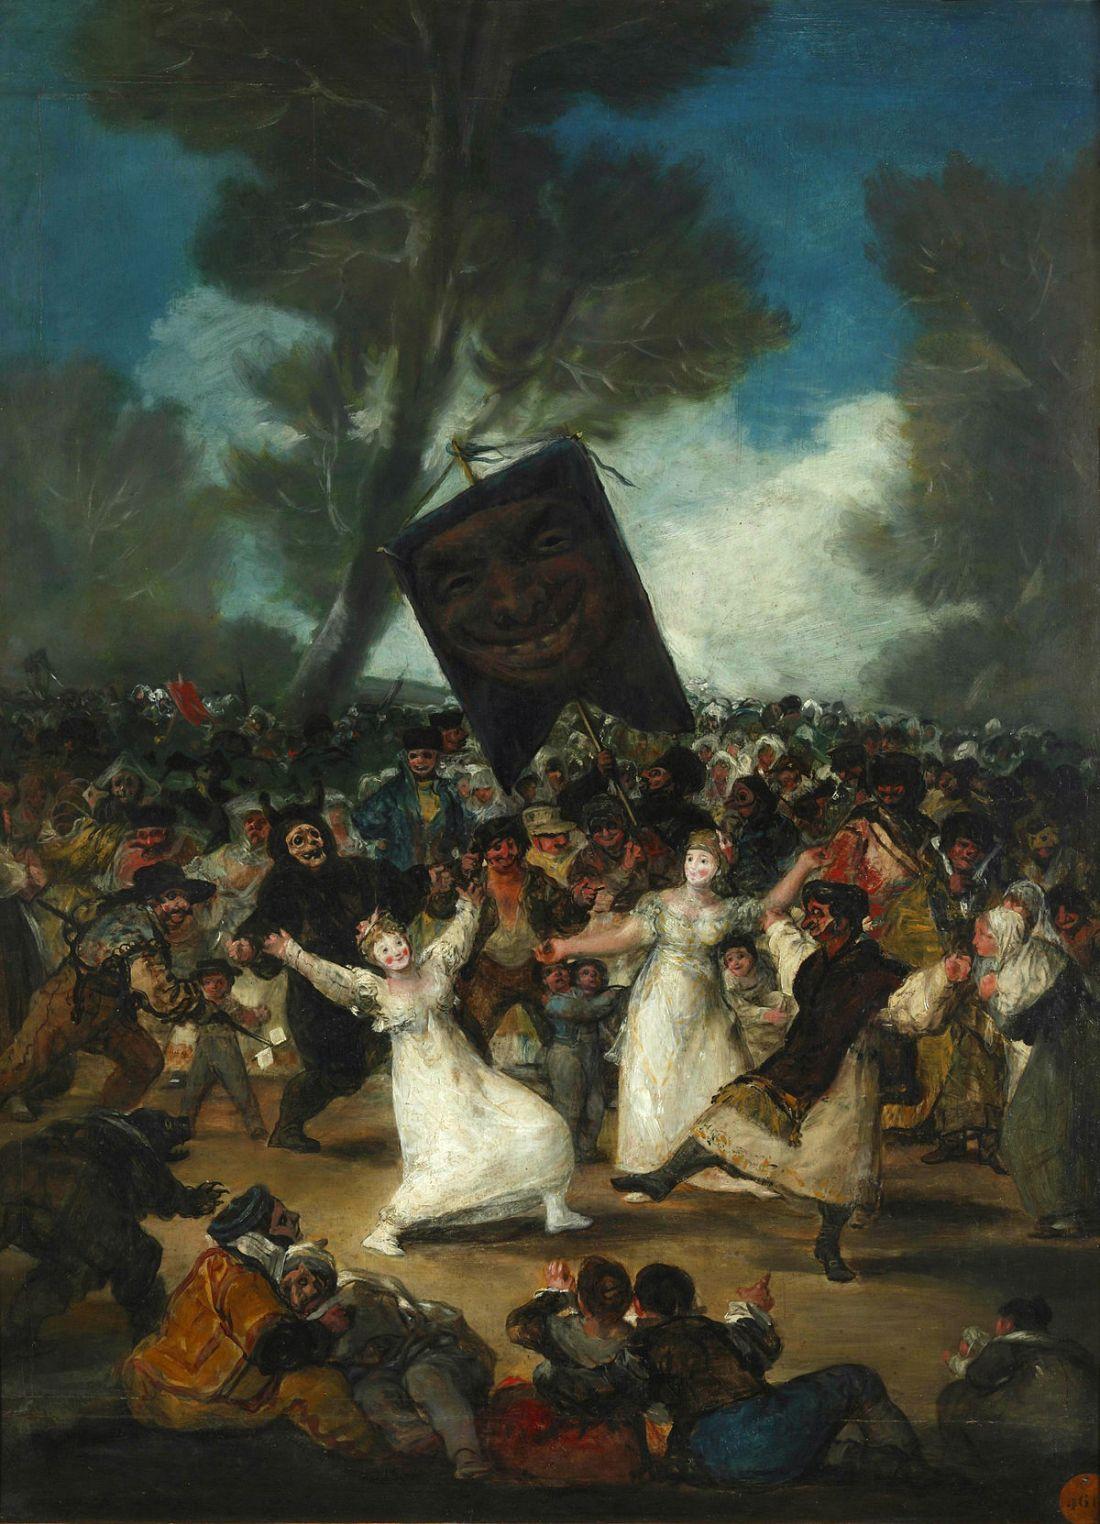 1200px-GOYA_-_Entierro_de_la_Sardina_(Real_Academia_de_Bellas_Artes_de_San_Fernando,_1812-14)